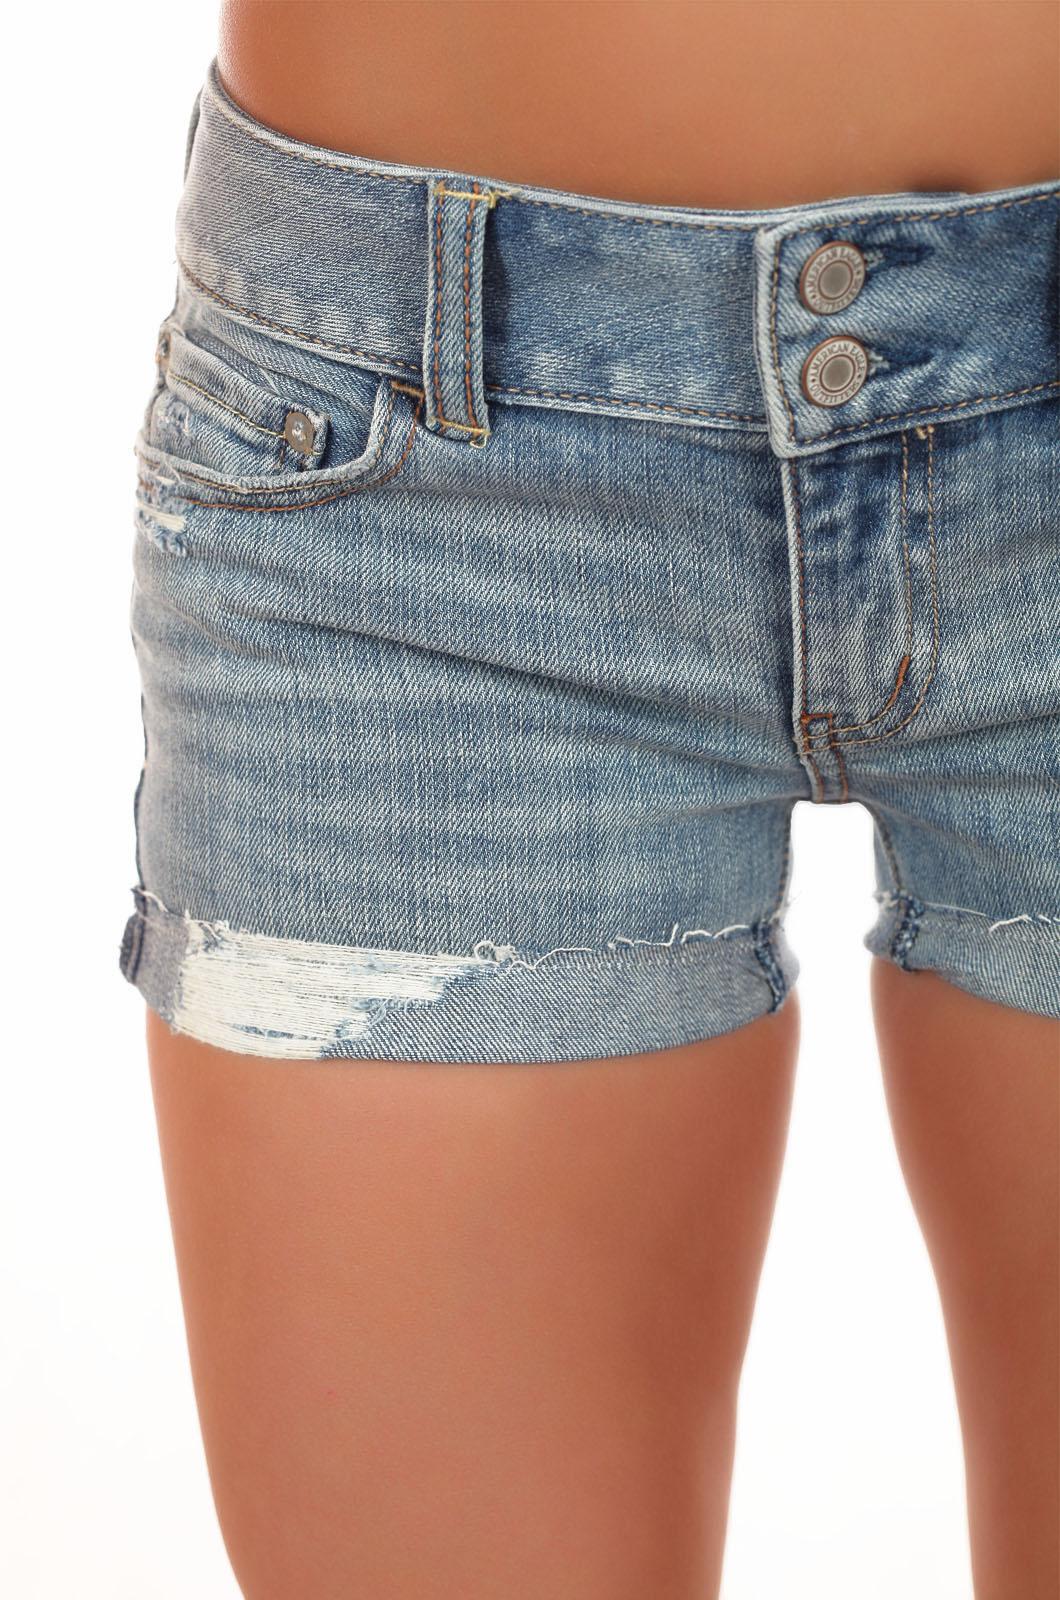 Джинсовые шортики от American Eagle® для покорительниц курортов. В них ты не дойдешь до пляжа в одиночестве!